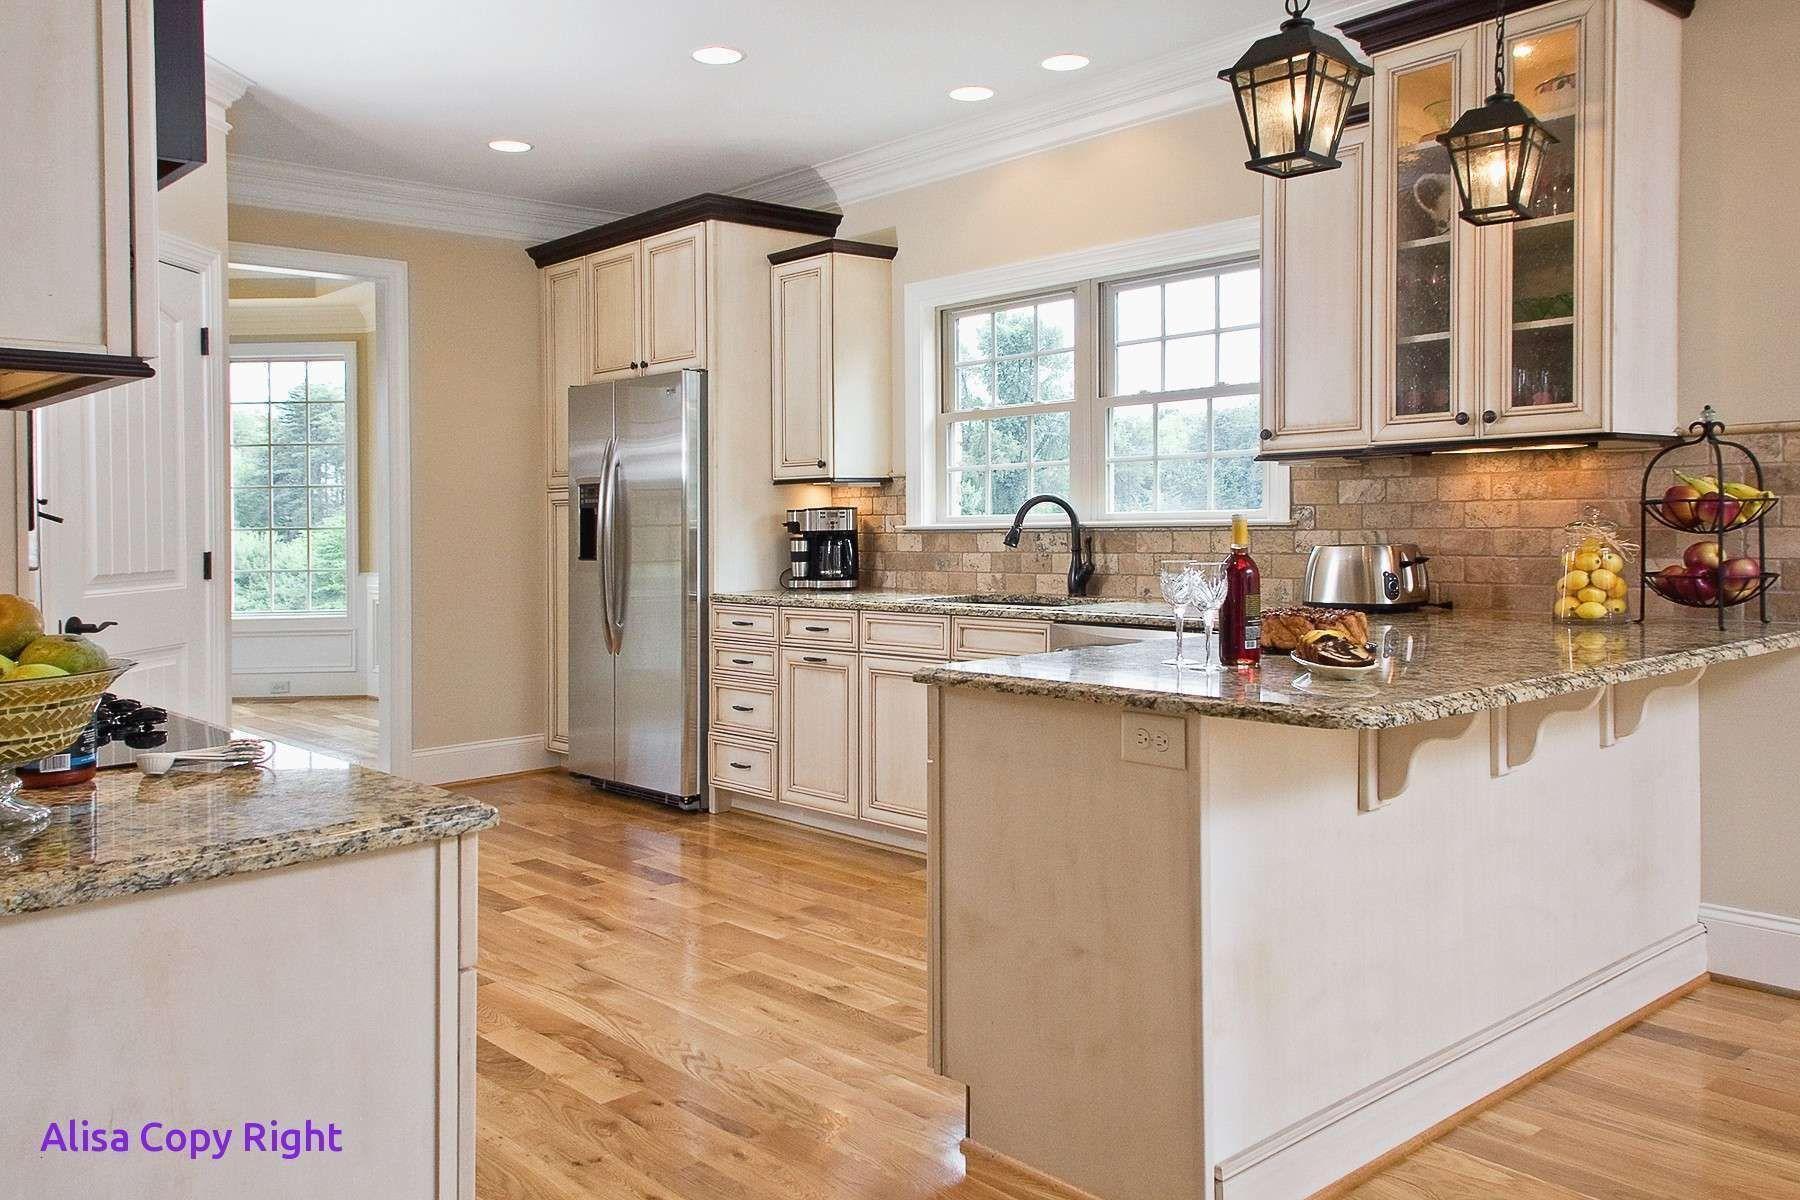 Picturesofnewkitchensdesigns Cheap Kitchen Remodel Modern Kitchen Design New Kitchen Designs